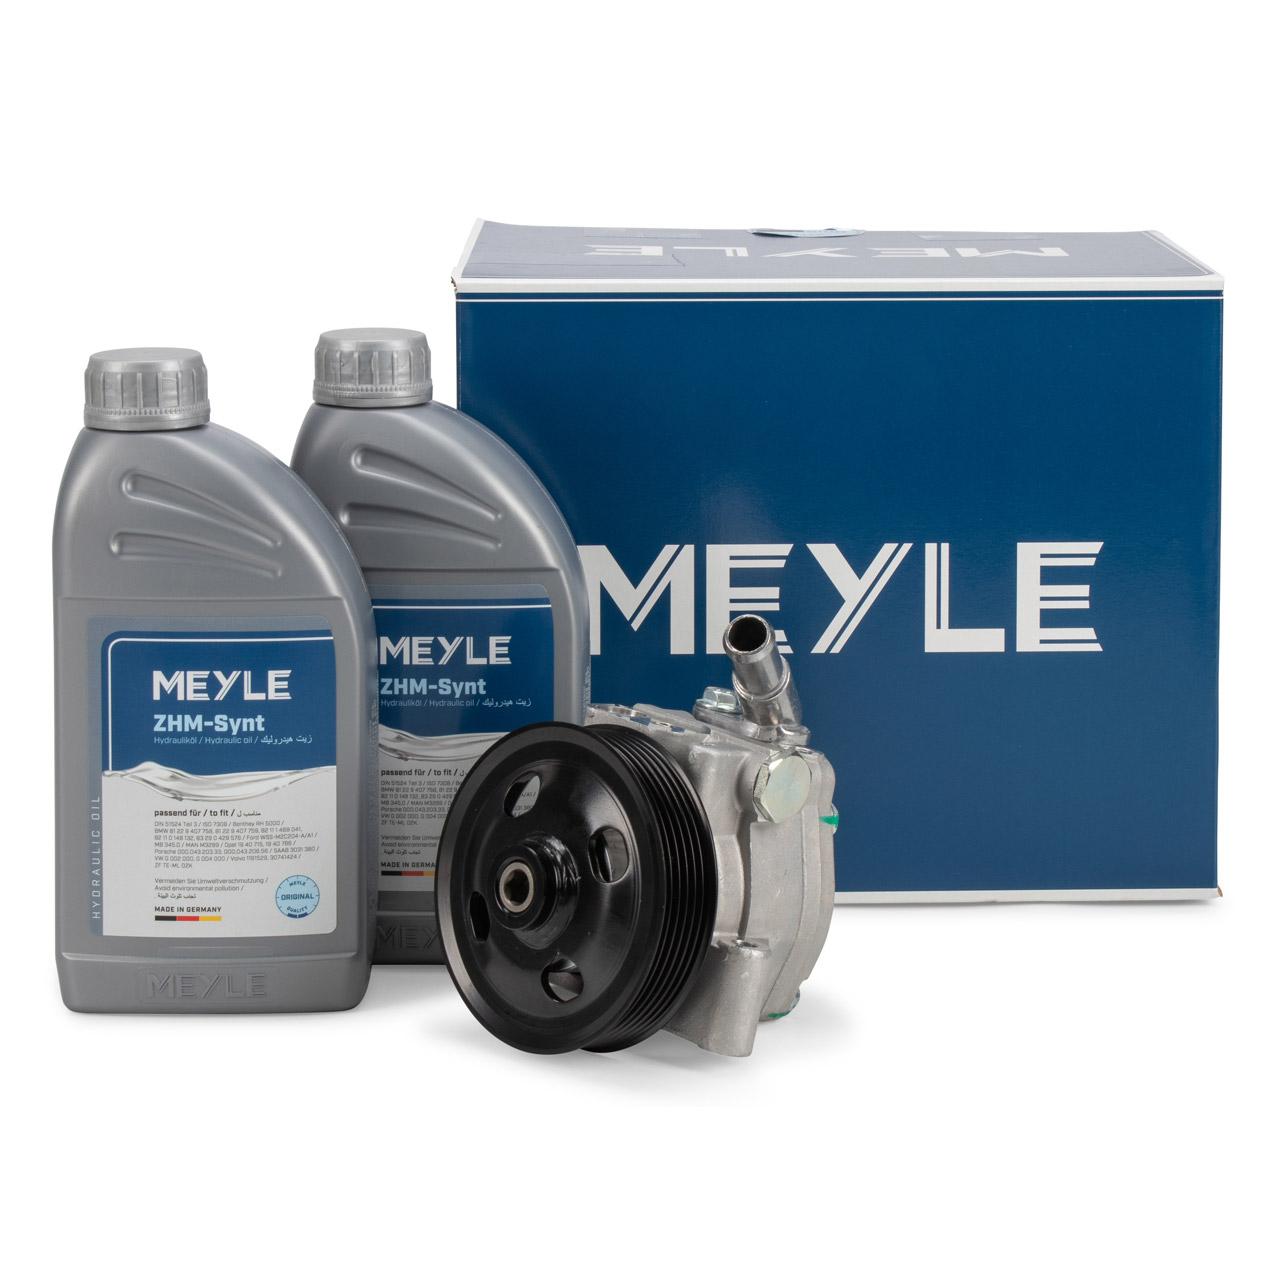 MEYLE Hydraulikpumpe + 2L Hydrauliköl FORD Galaxy 2 Mondeo 4 MK4 S-Max WA6 2.0 2.3